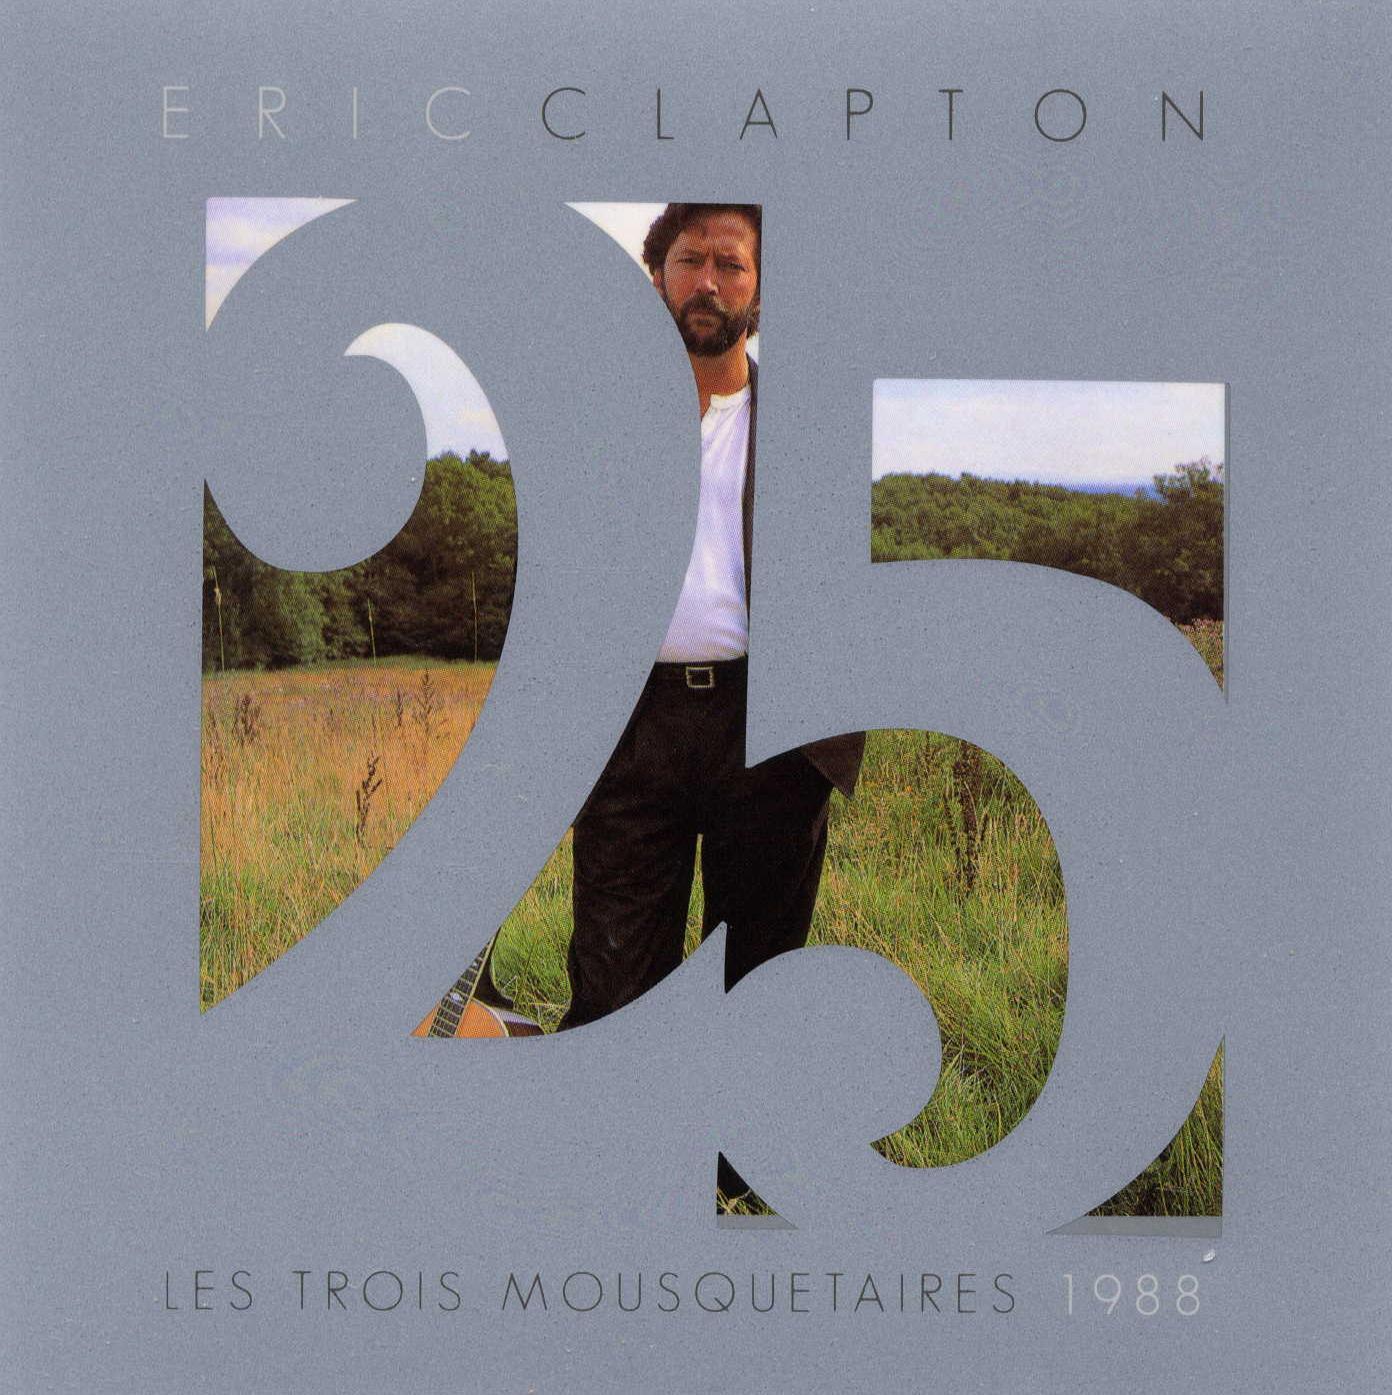 Eric Clapton Les Trois Mousquetaires